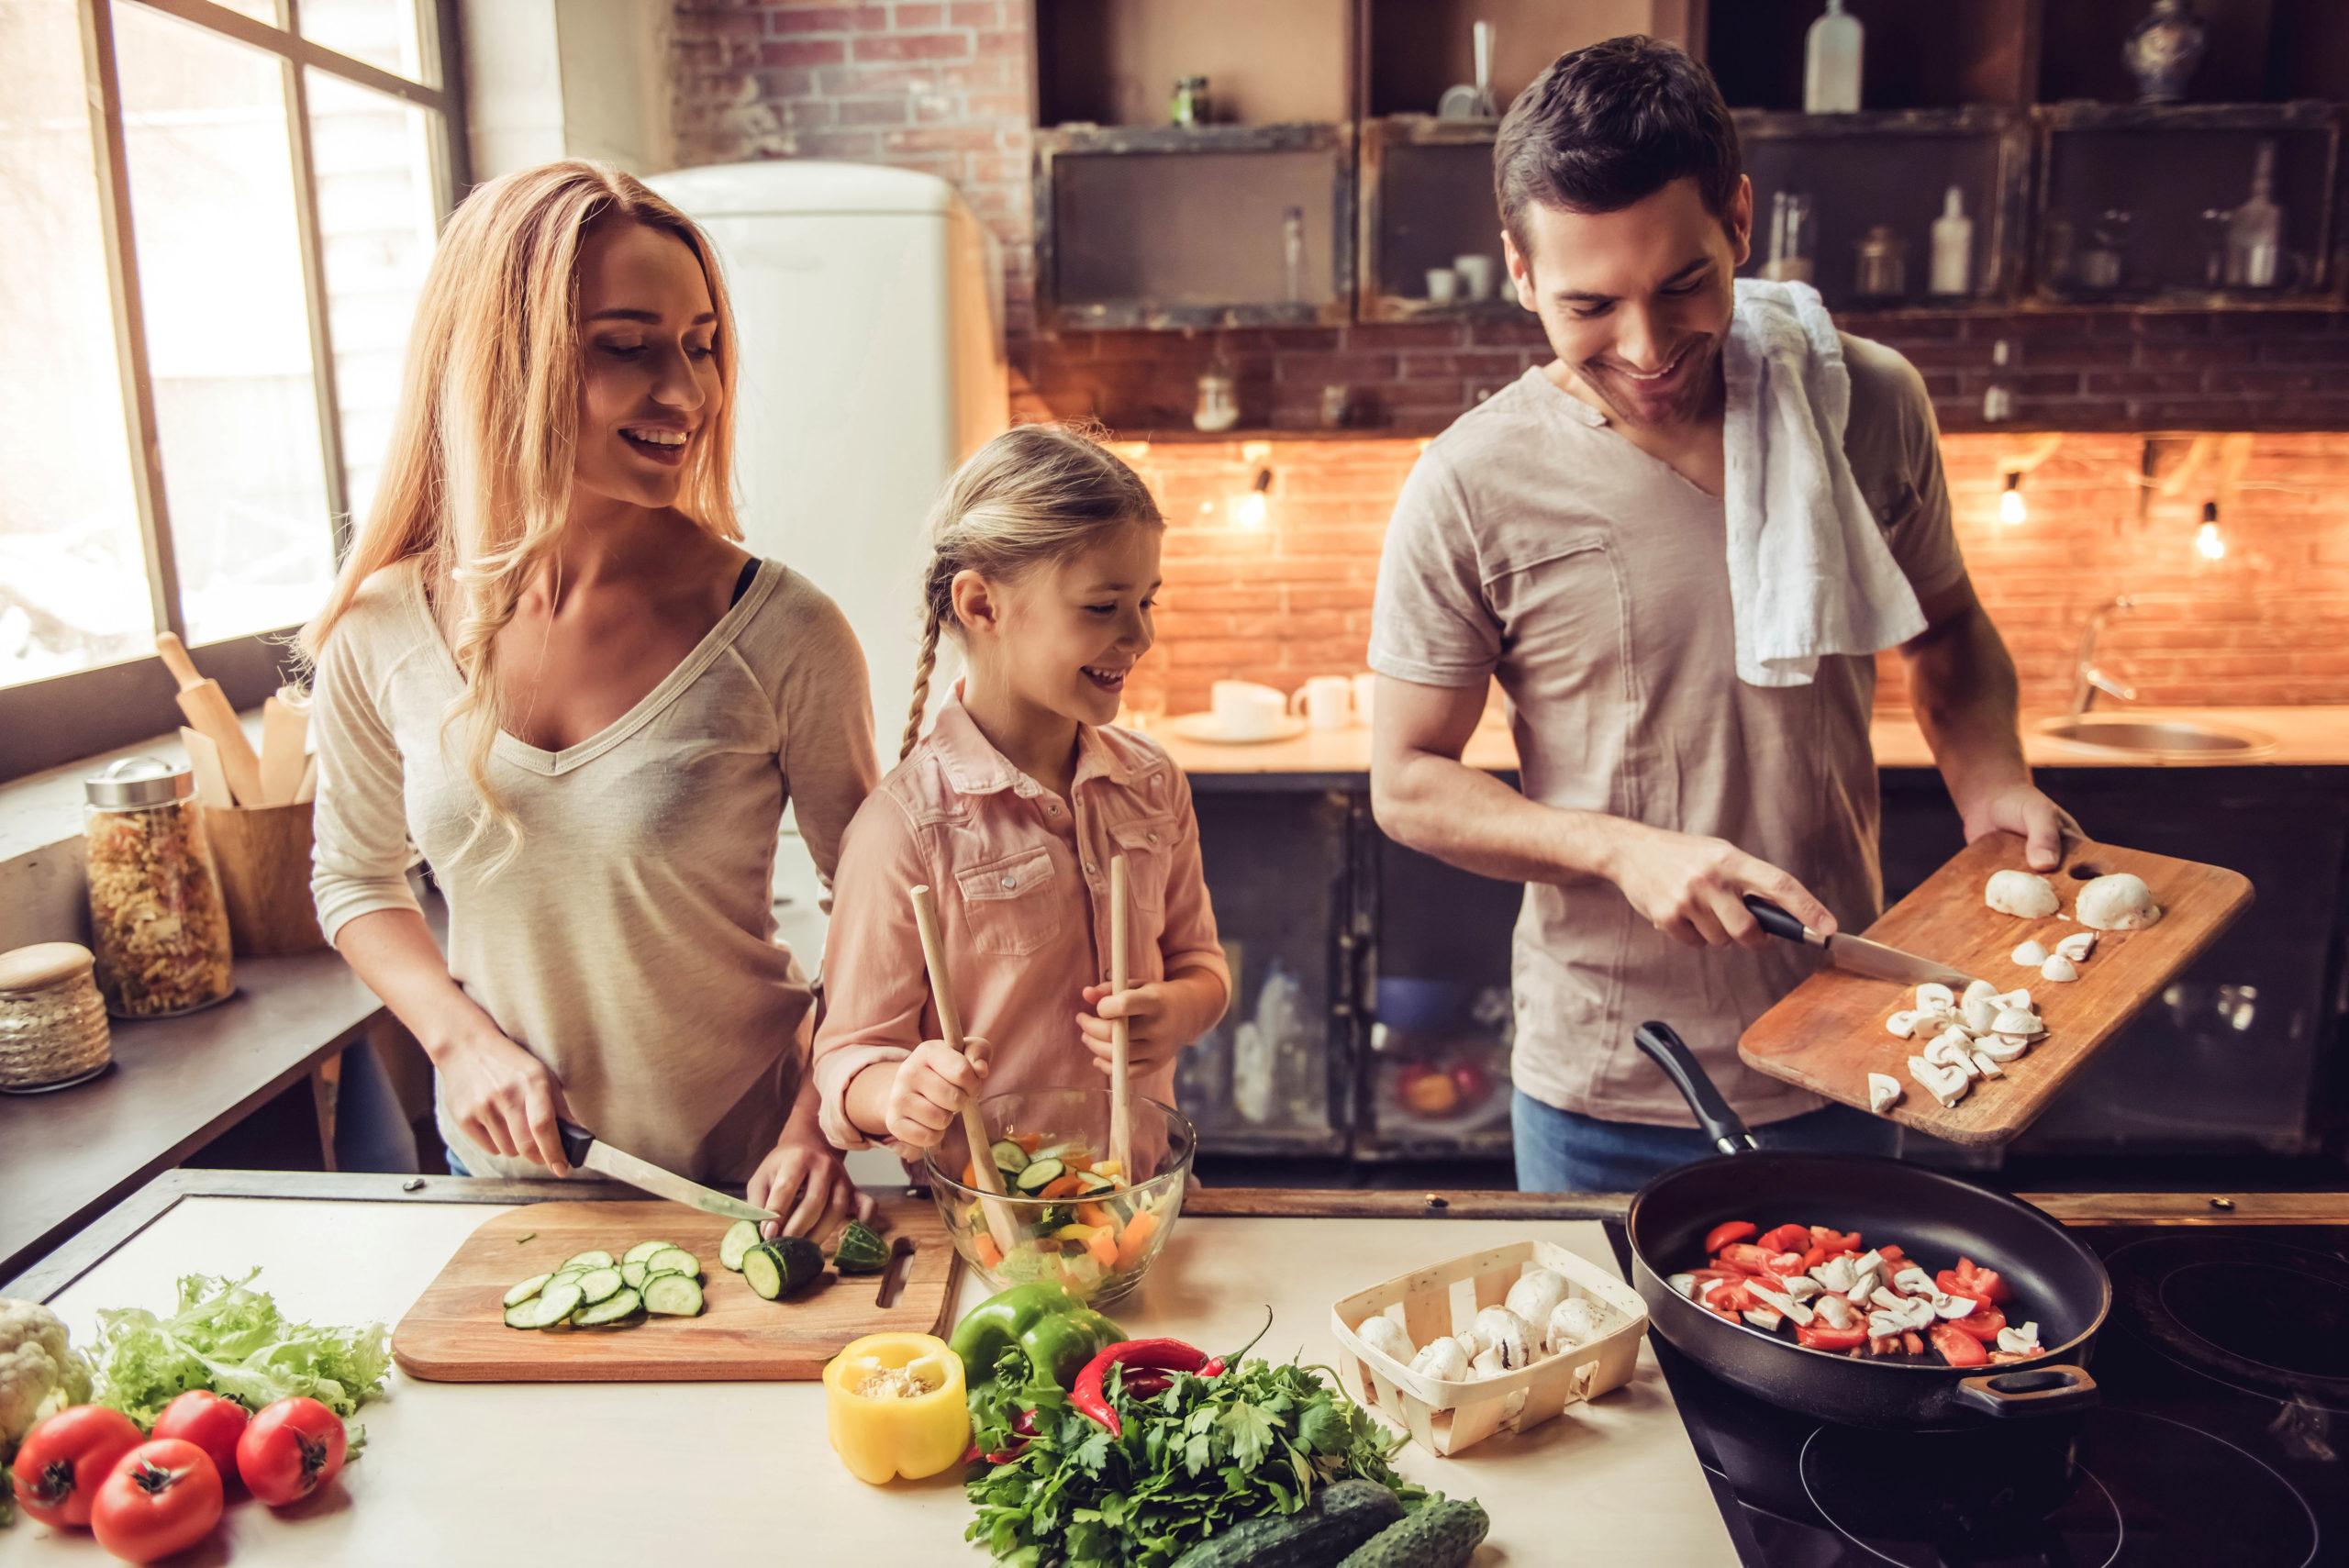 Familientauglich: Weil beim Basenfasten nicht aufs Essen verzichtet wird, passt die Methode fürs Fasten prima in den Alltag.